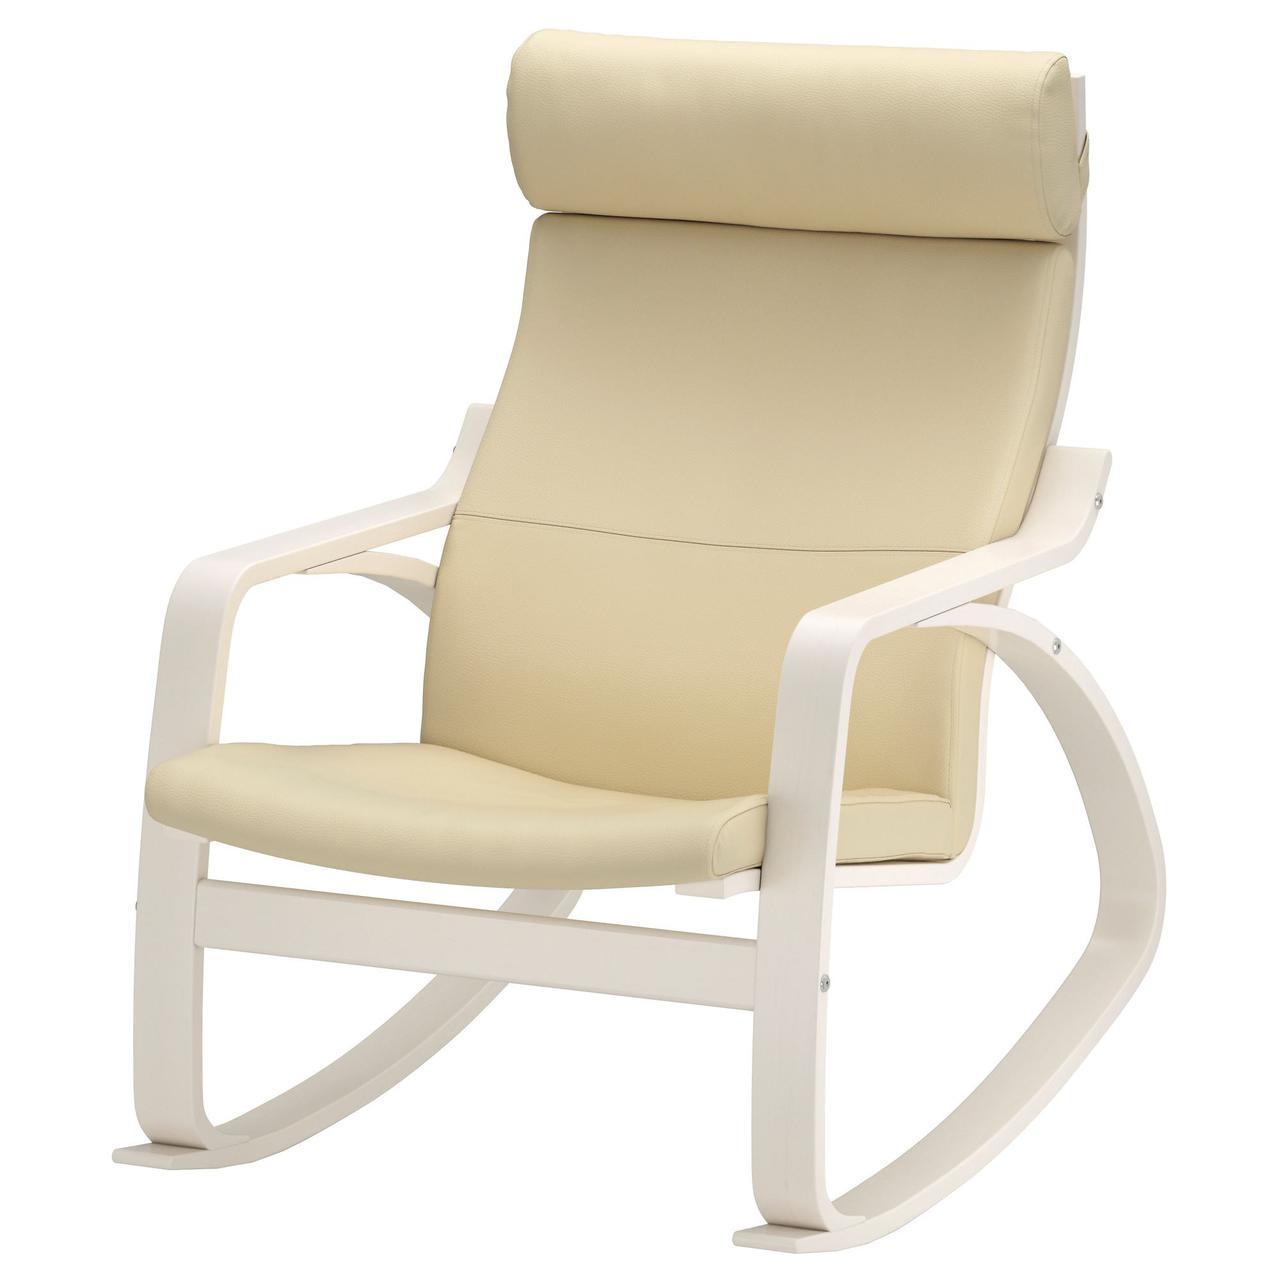 кресло качалка Ikea Poäng икеа S29163261 продажа цена в львове